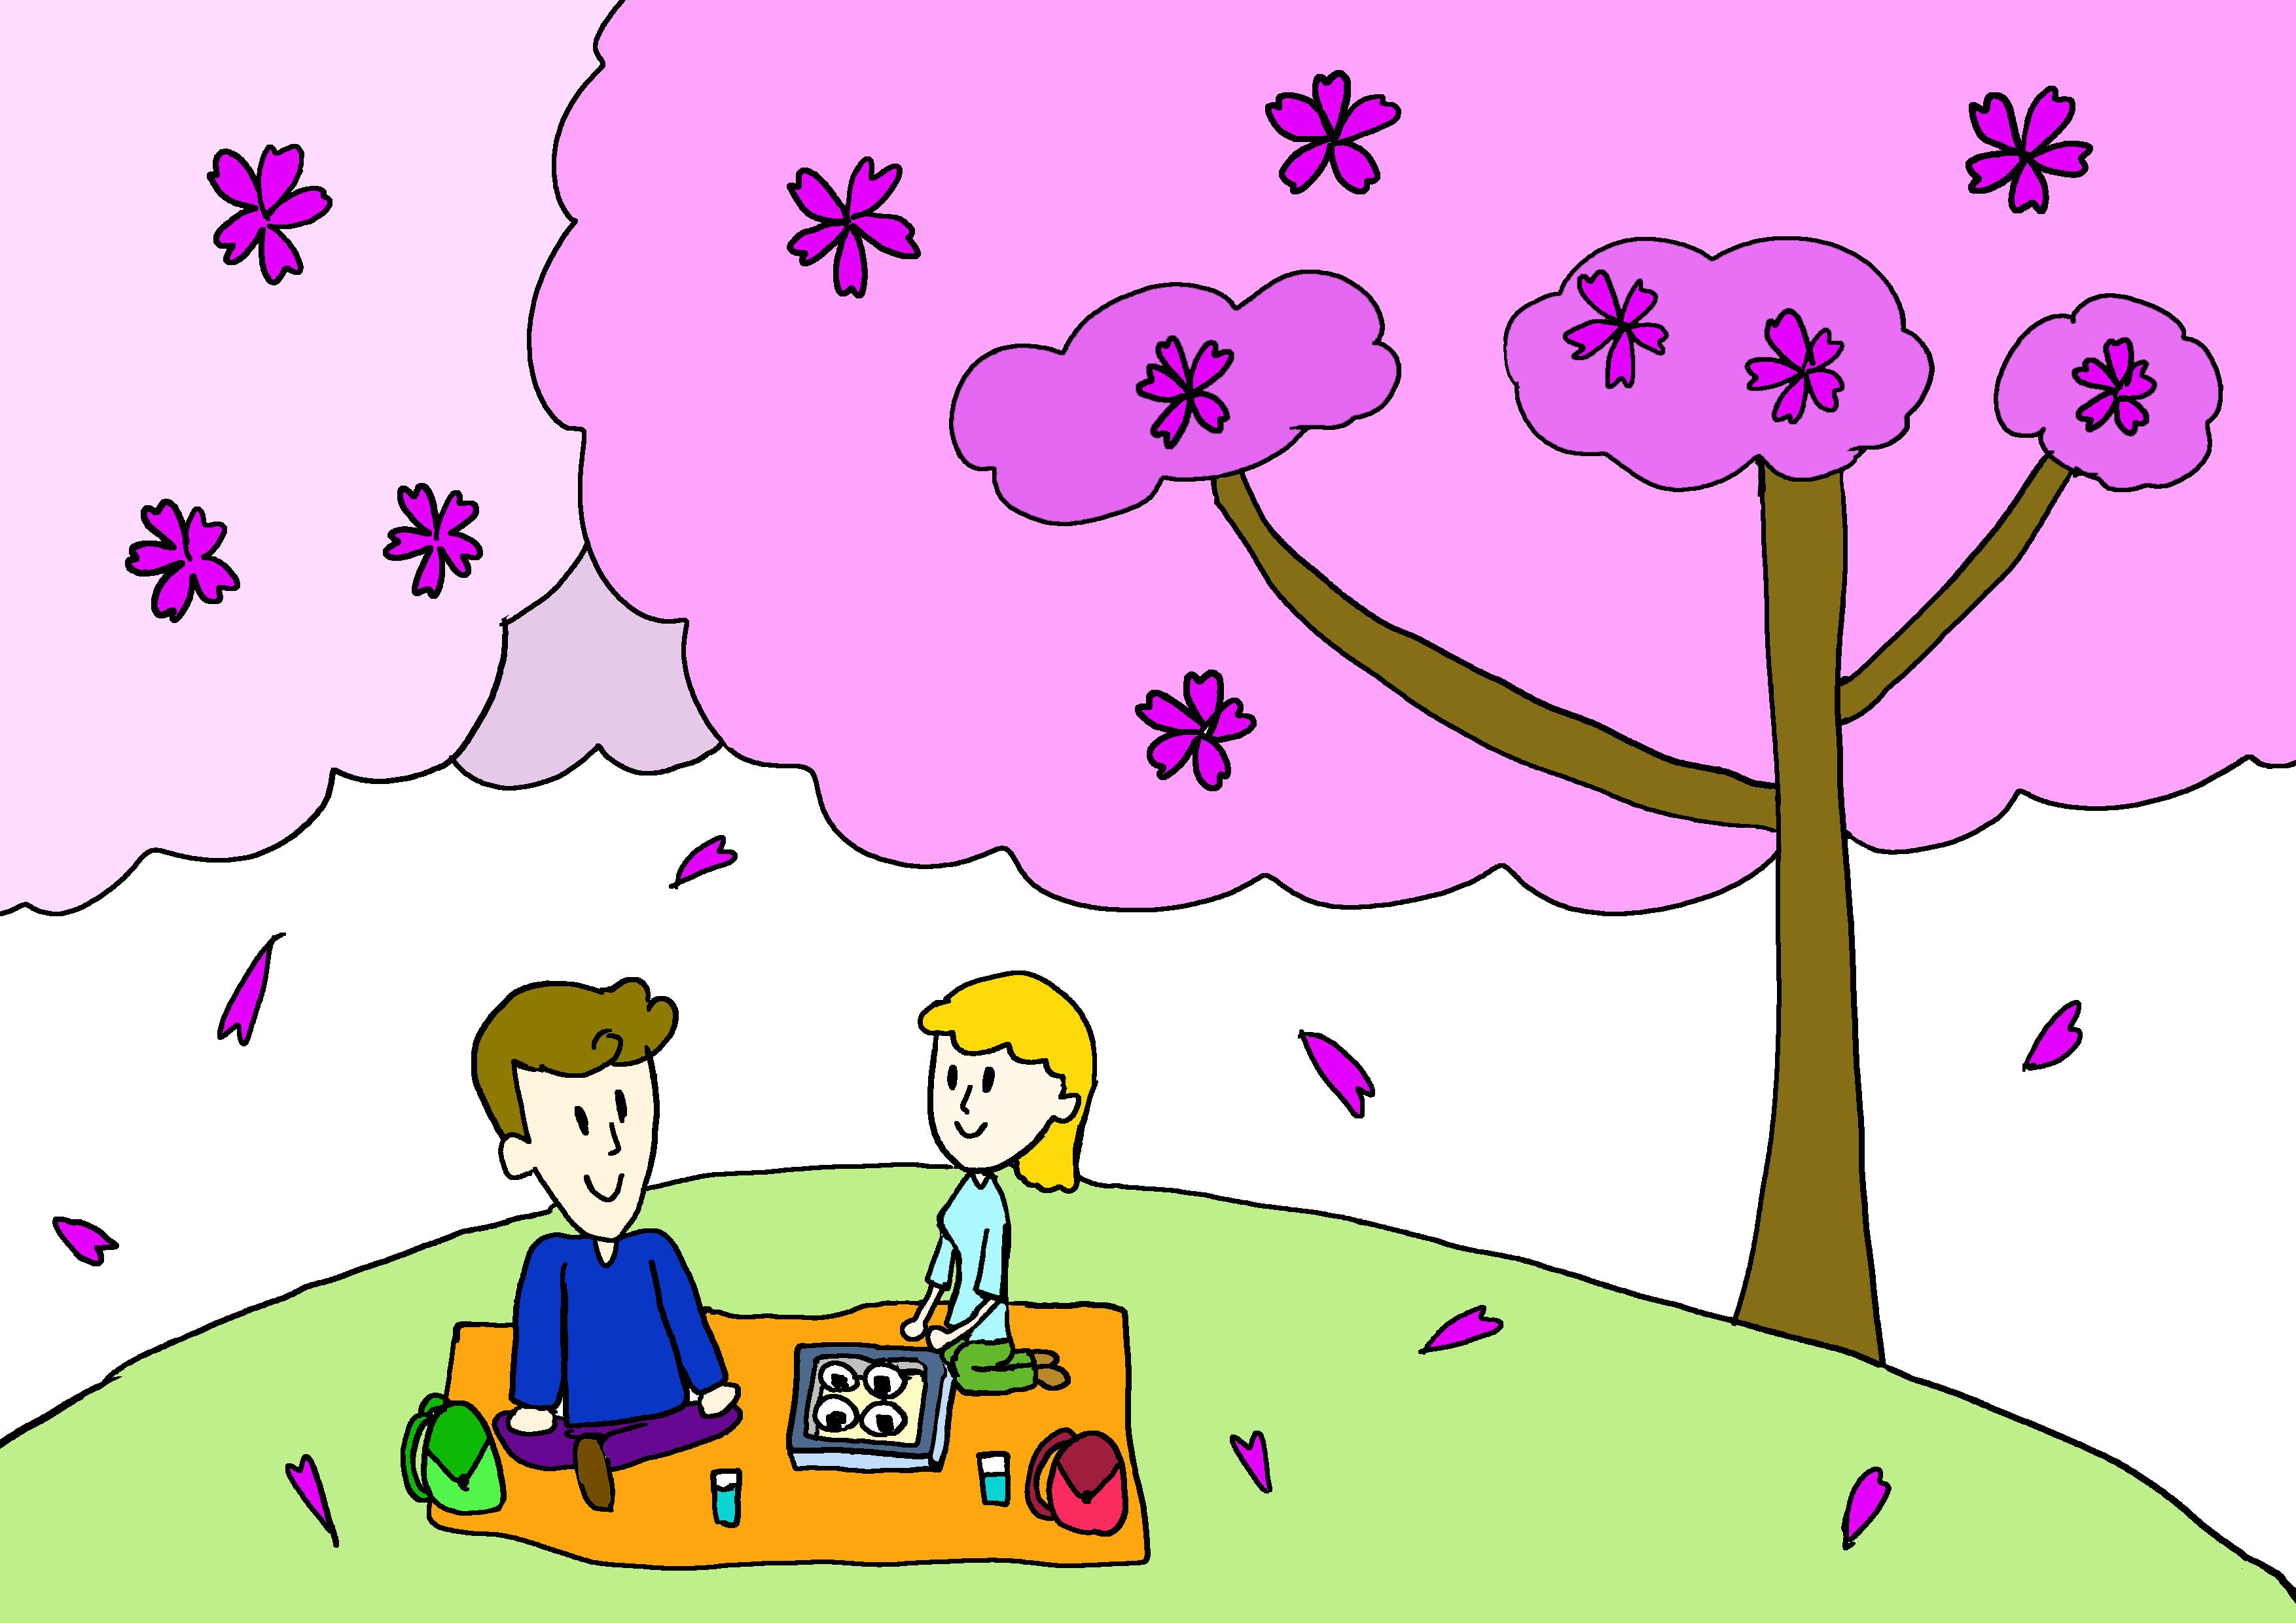 商用フリーイラスト【お花見】